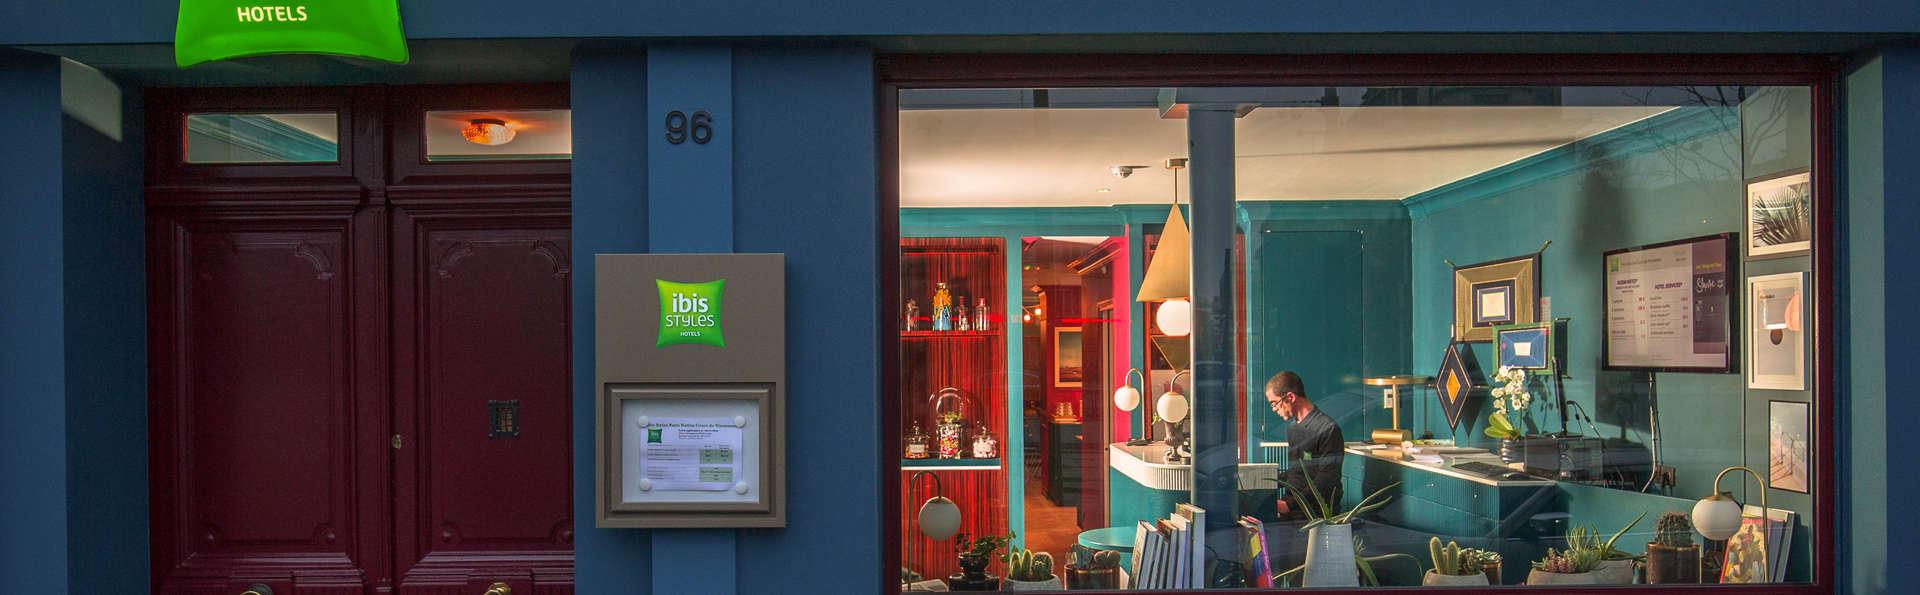 Ibis Styles Paris Nation Cours De Vincennes 3* - Paris, France tout Hotel Des Jardins Vincennes